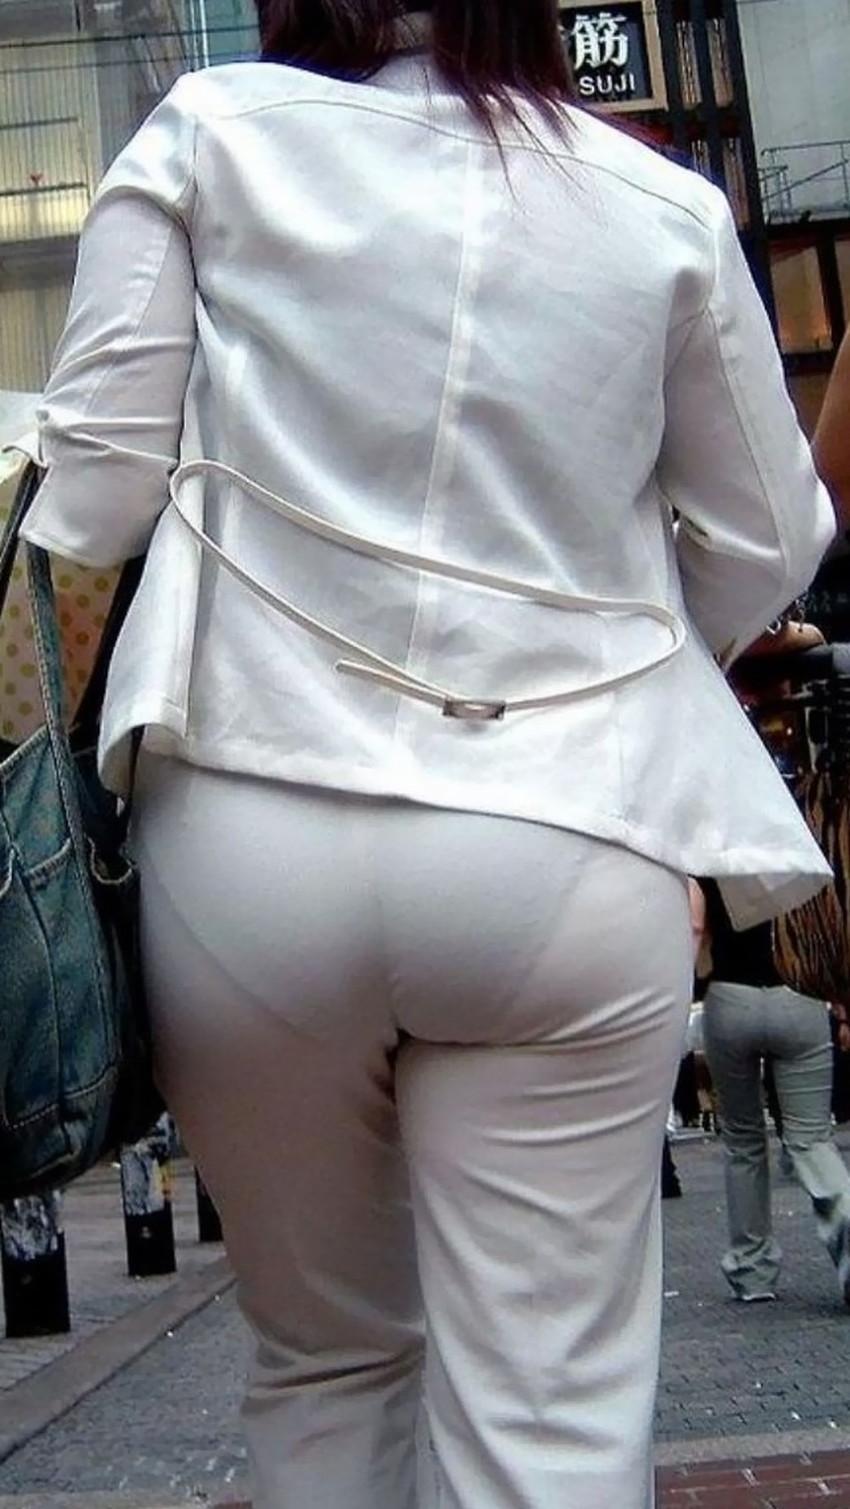 【透けパンツエロ画像】パンツ丸見えよりもタイトスカートや履いて下着が透けてる素人女子のほうが興奮しちゃう透けパンツのエロ画像酒!ww【80枚】 34